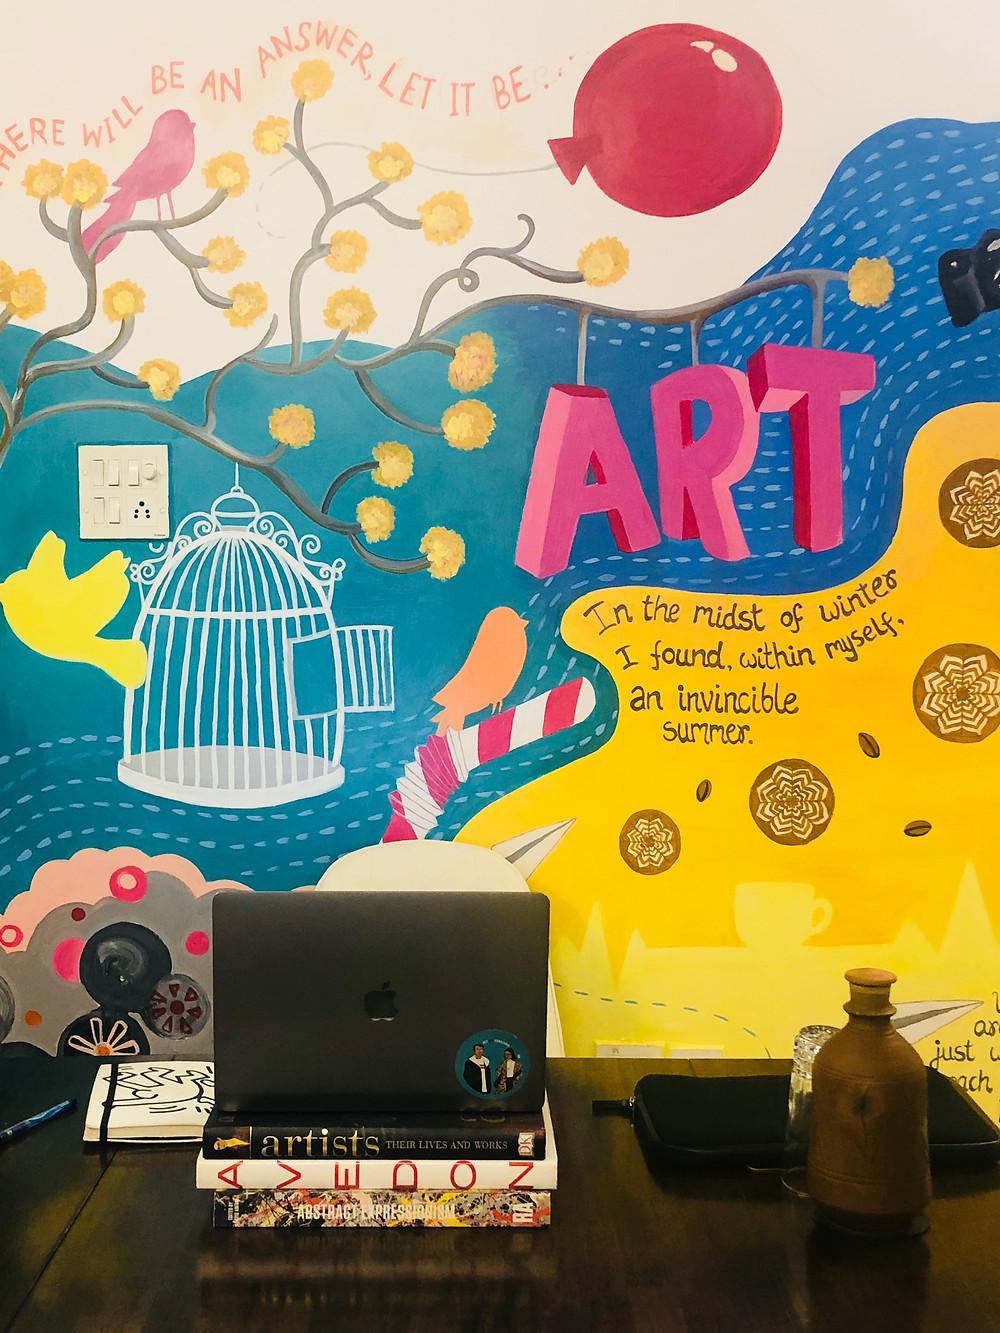 The Art Fervour workspace, not just for millennials